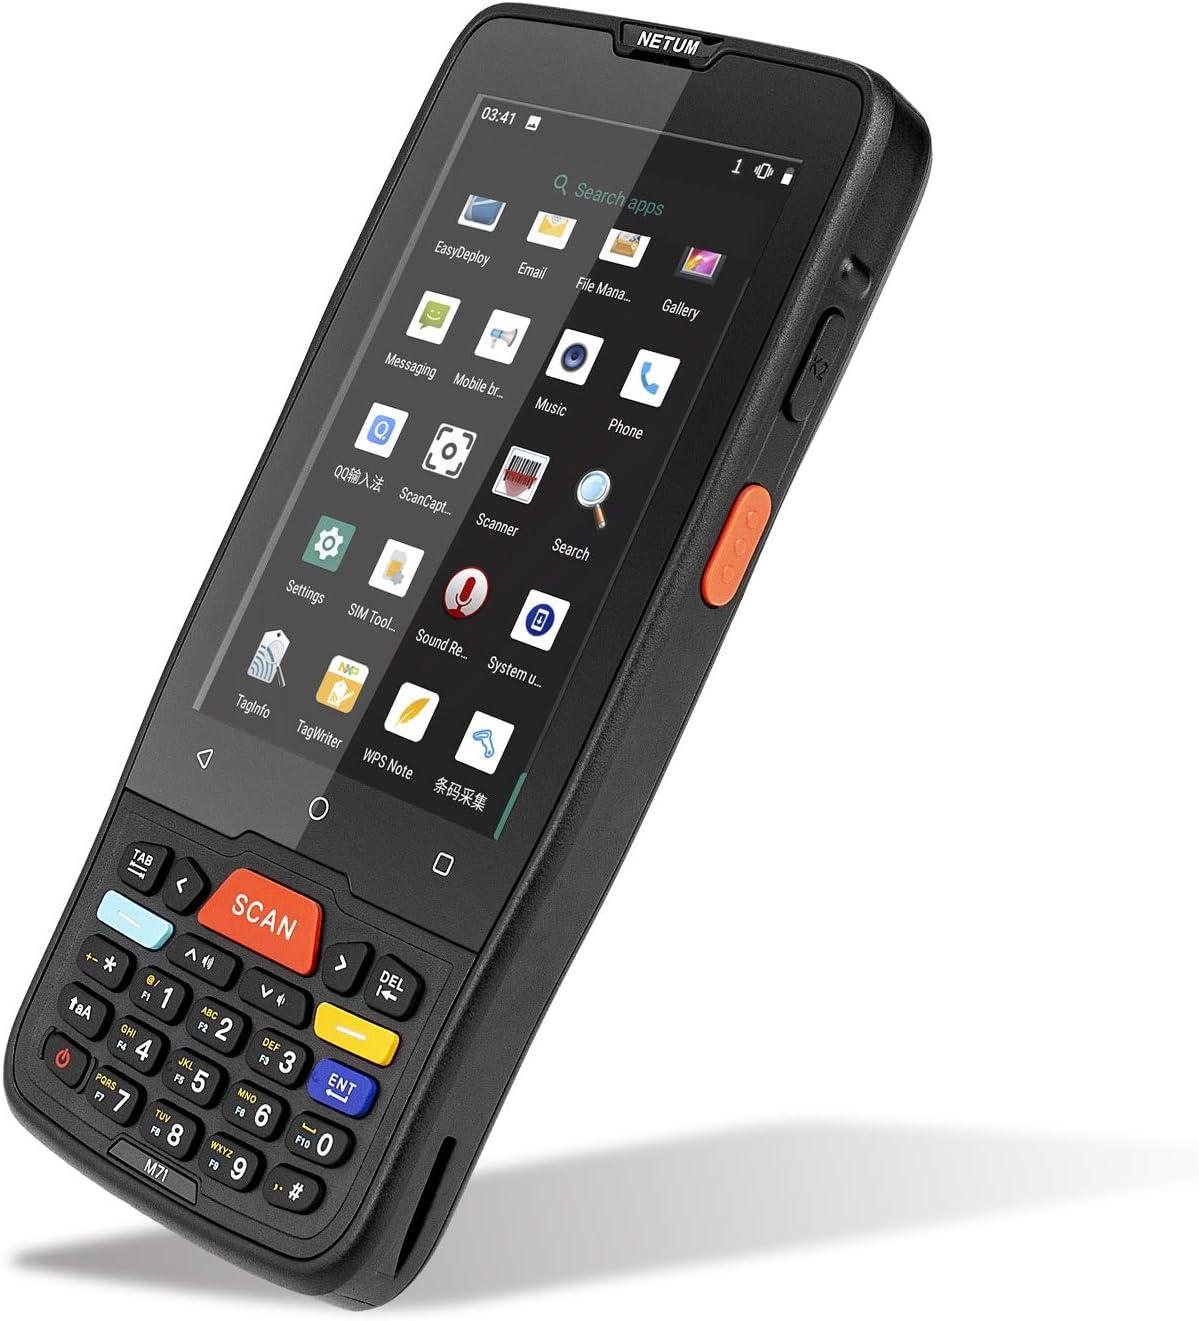 NETUM PDA de mano Android Terminal 2D Escáner de código de barras LCD de 4 pulgadas Pantalla táctil con WiFi 4G Bluetooth GPS PDA Lector de códigos de barras